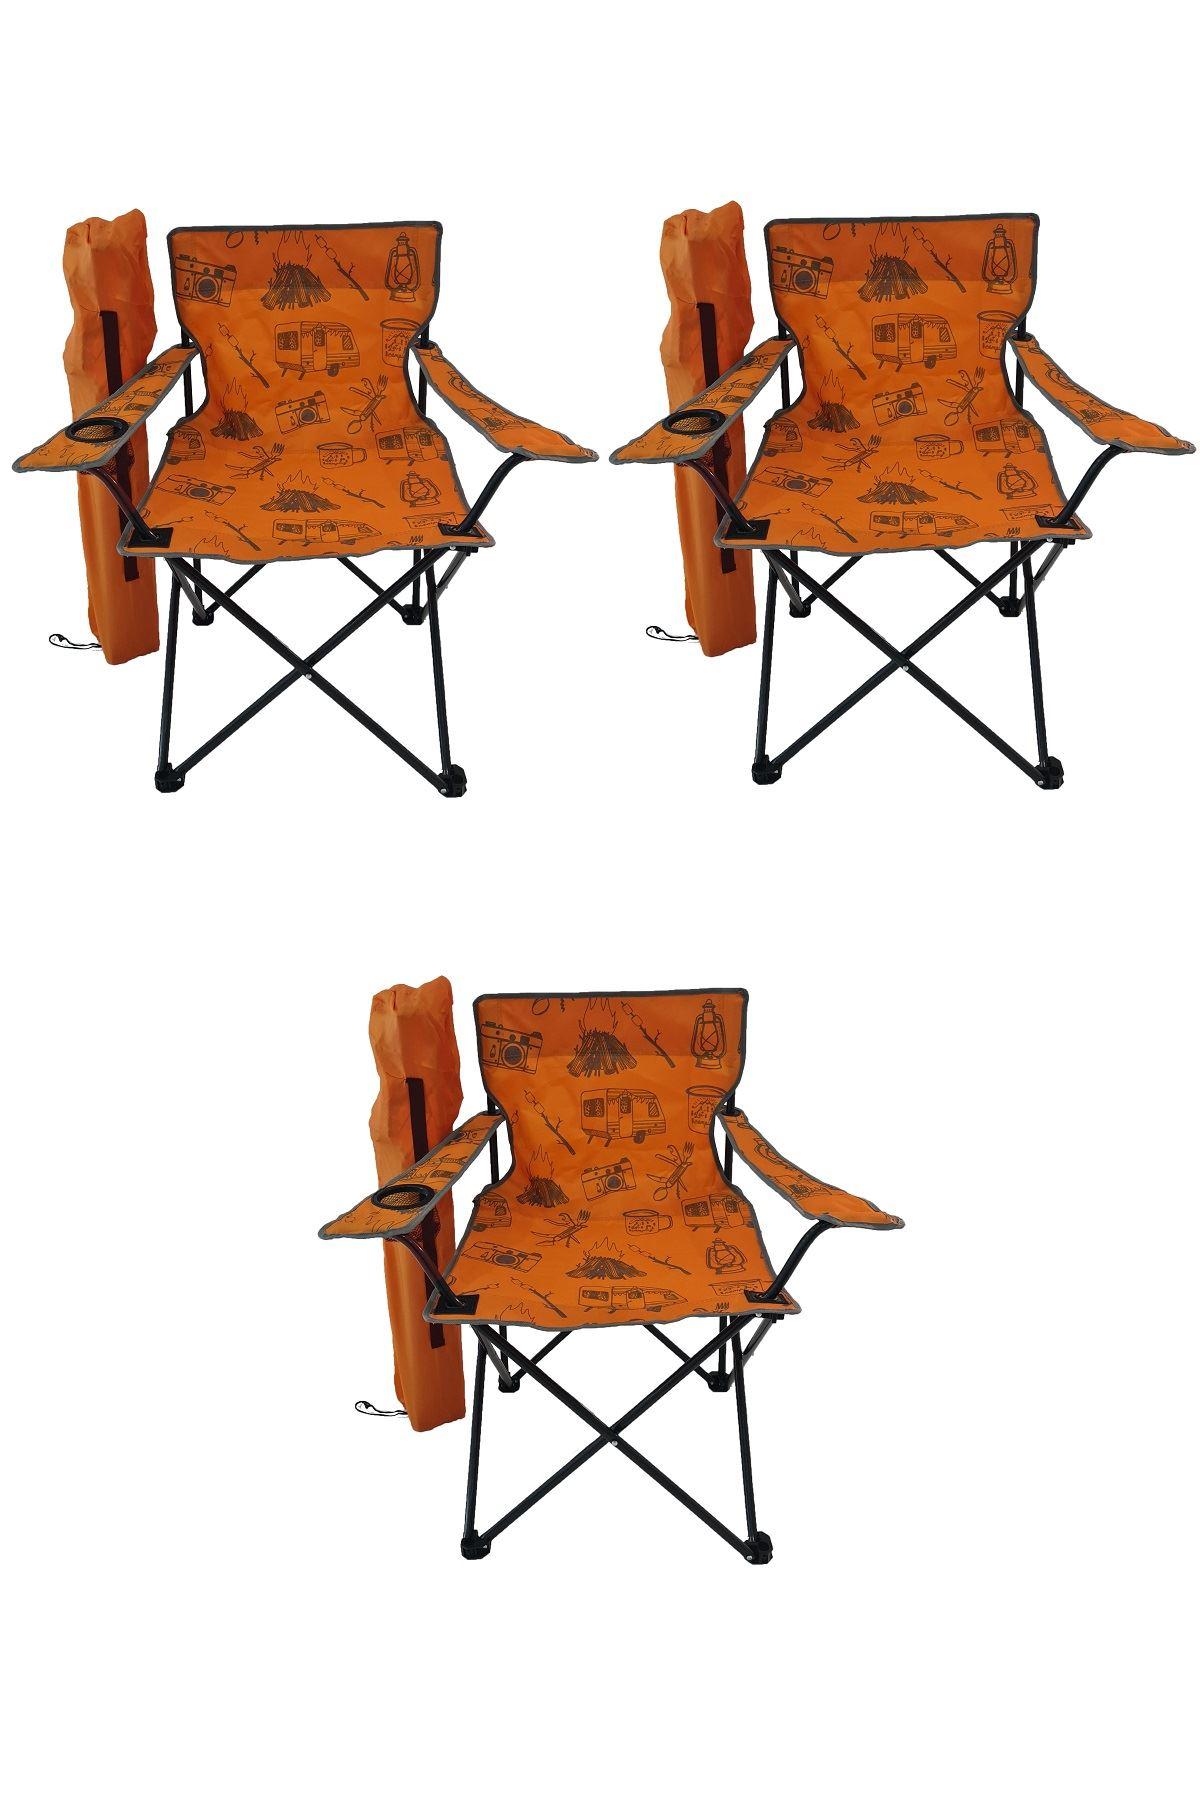 Bofigo 3 Adet Kamp Sandalyesi Katlanır Sandalye Bahçe Koltuğu Piknik Plaj Sandalyesi Desenli Turuncu